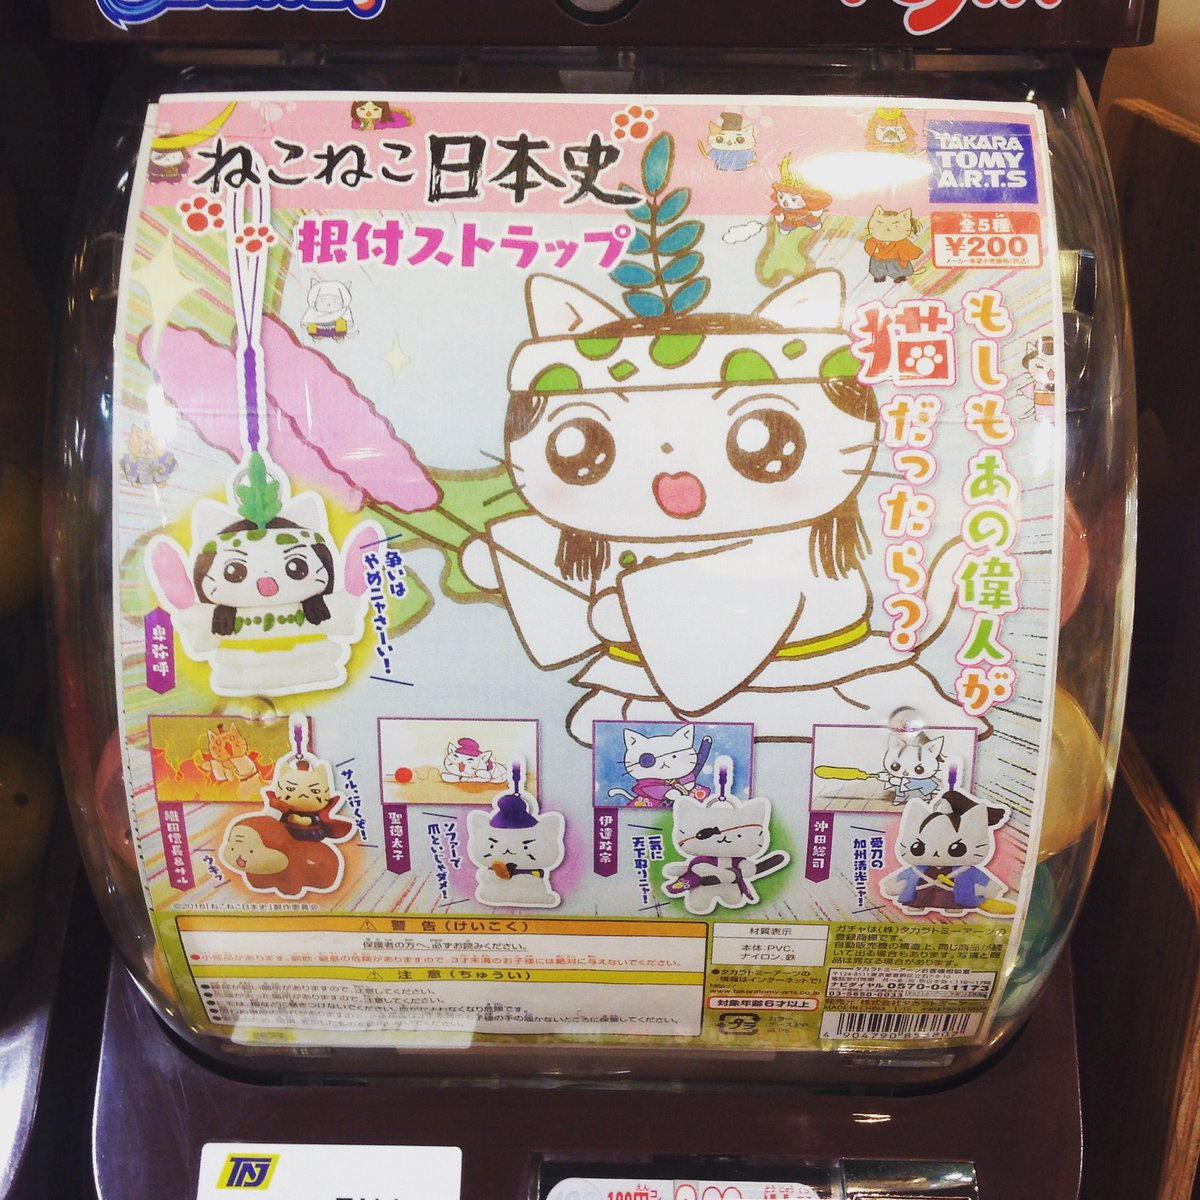 【NEW】かわいい擬猫化キャラでゆる〜く日本史が学べると話題の「ねこねこ日本史」のガチャが入荷しました!漫画・アニメのゆ